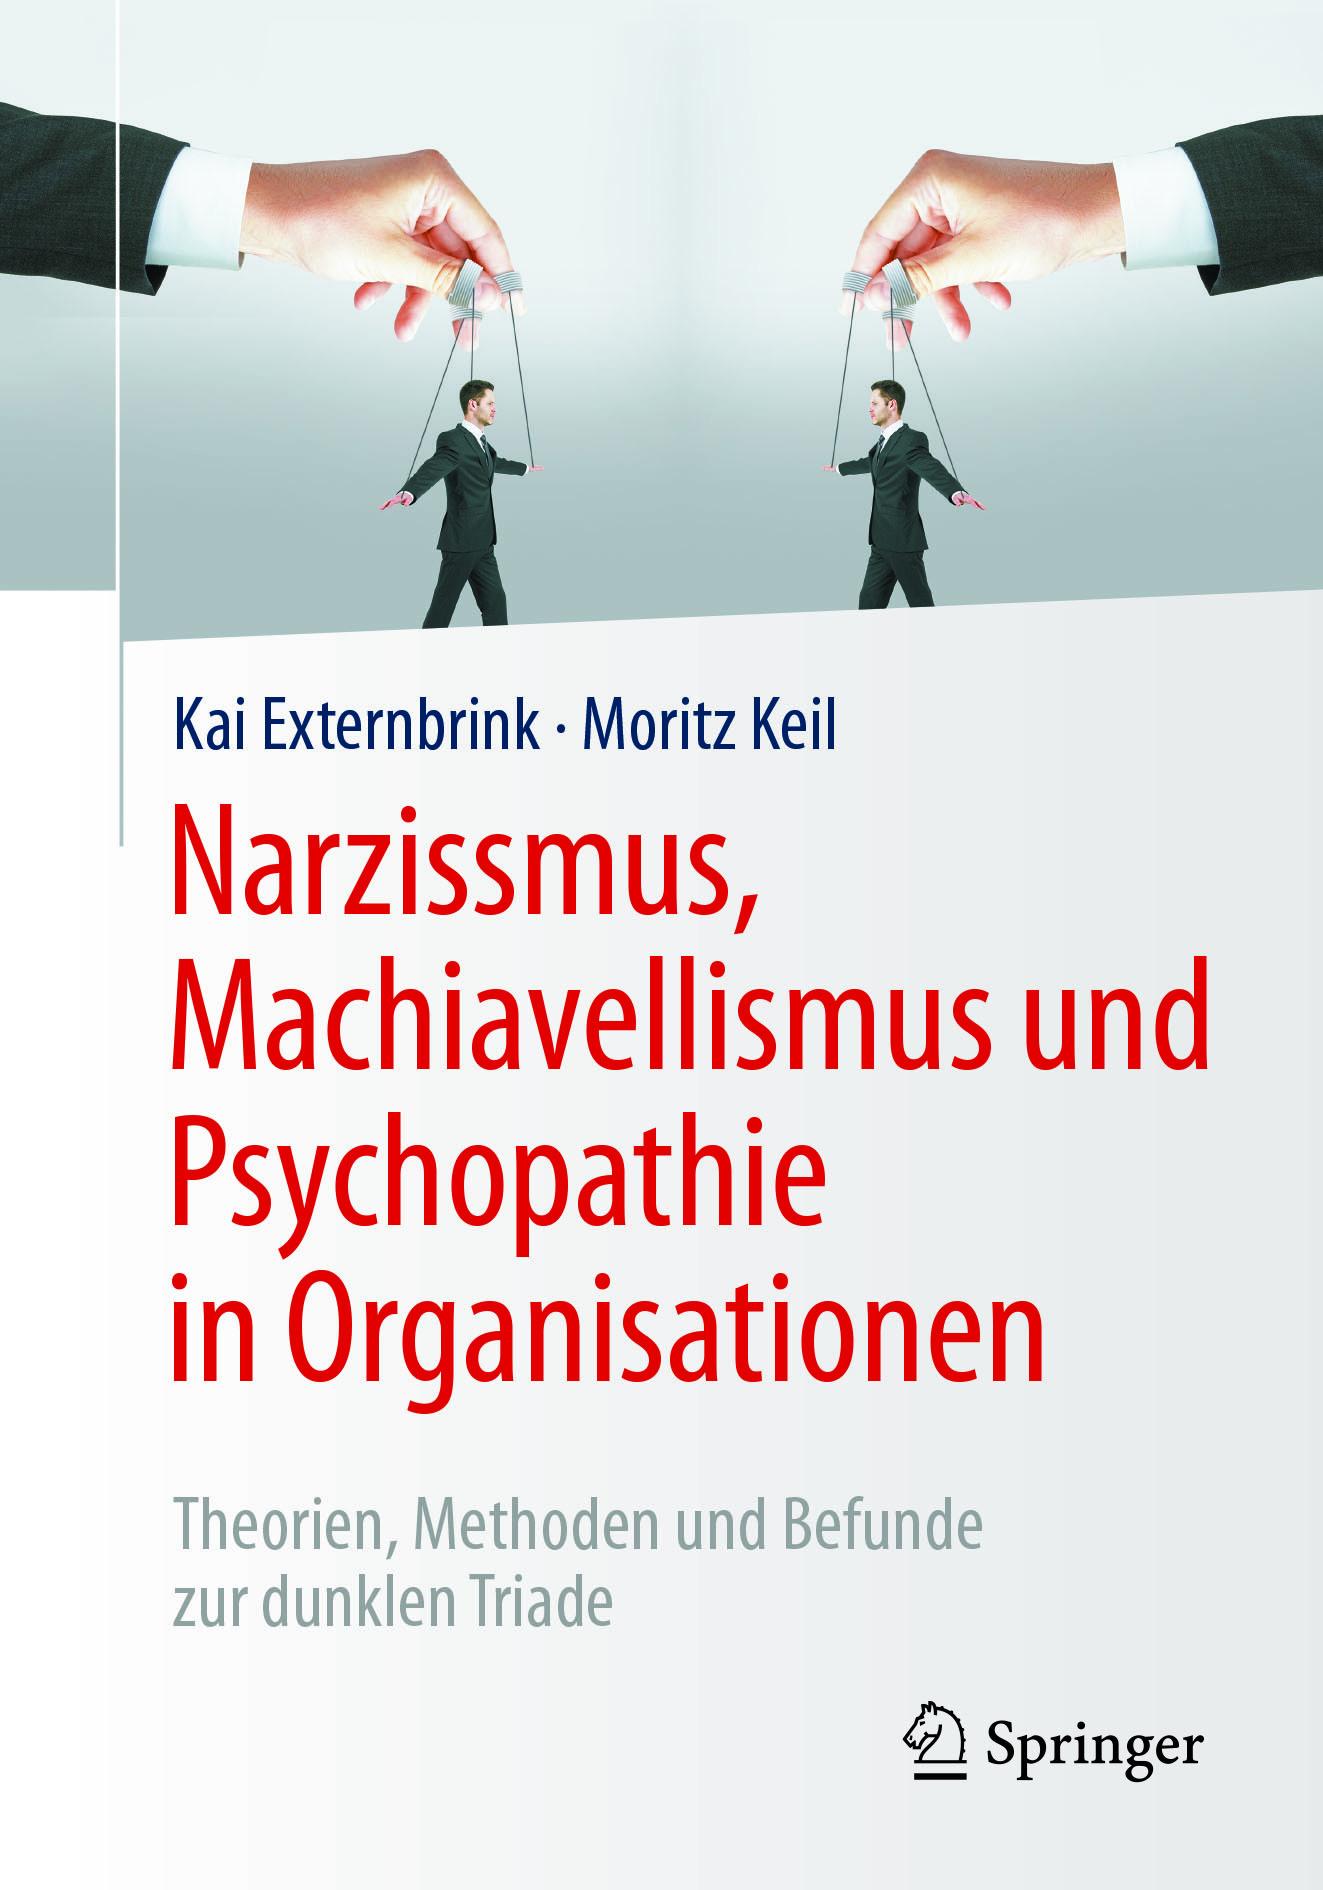 Externbrink, Kai - Narzissmus, Machiavellismus und Psychopathie in Organisationen, ebook